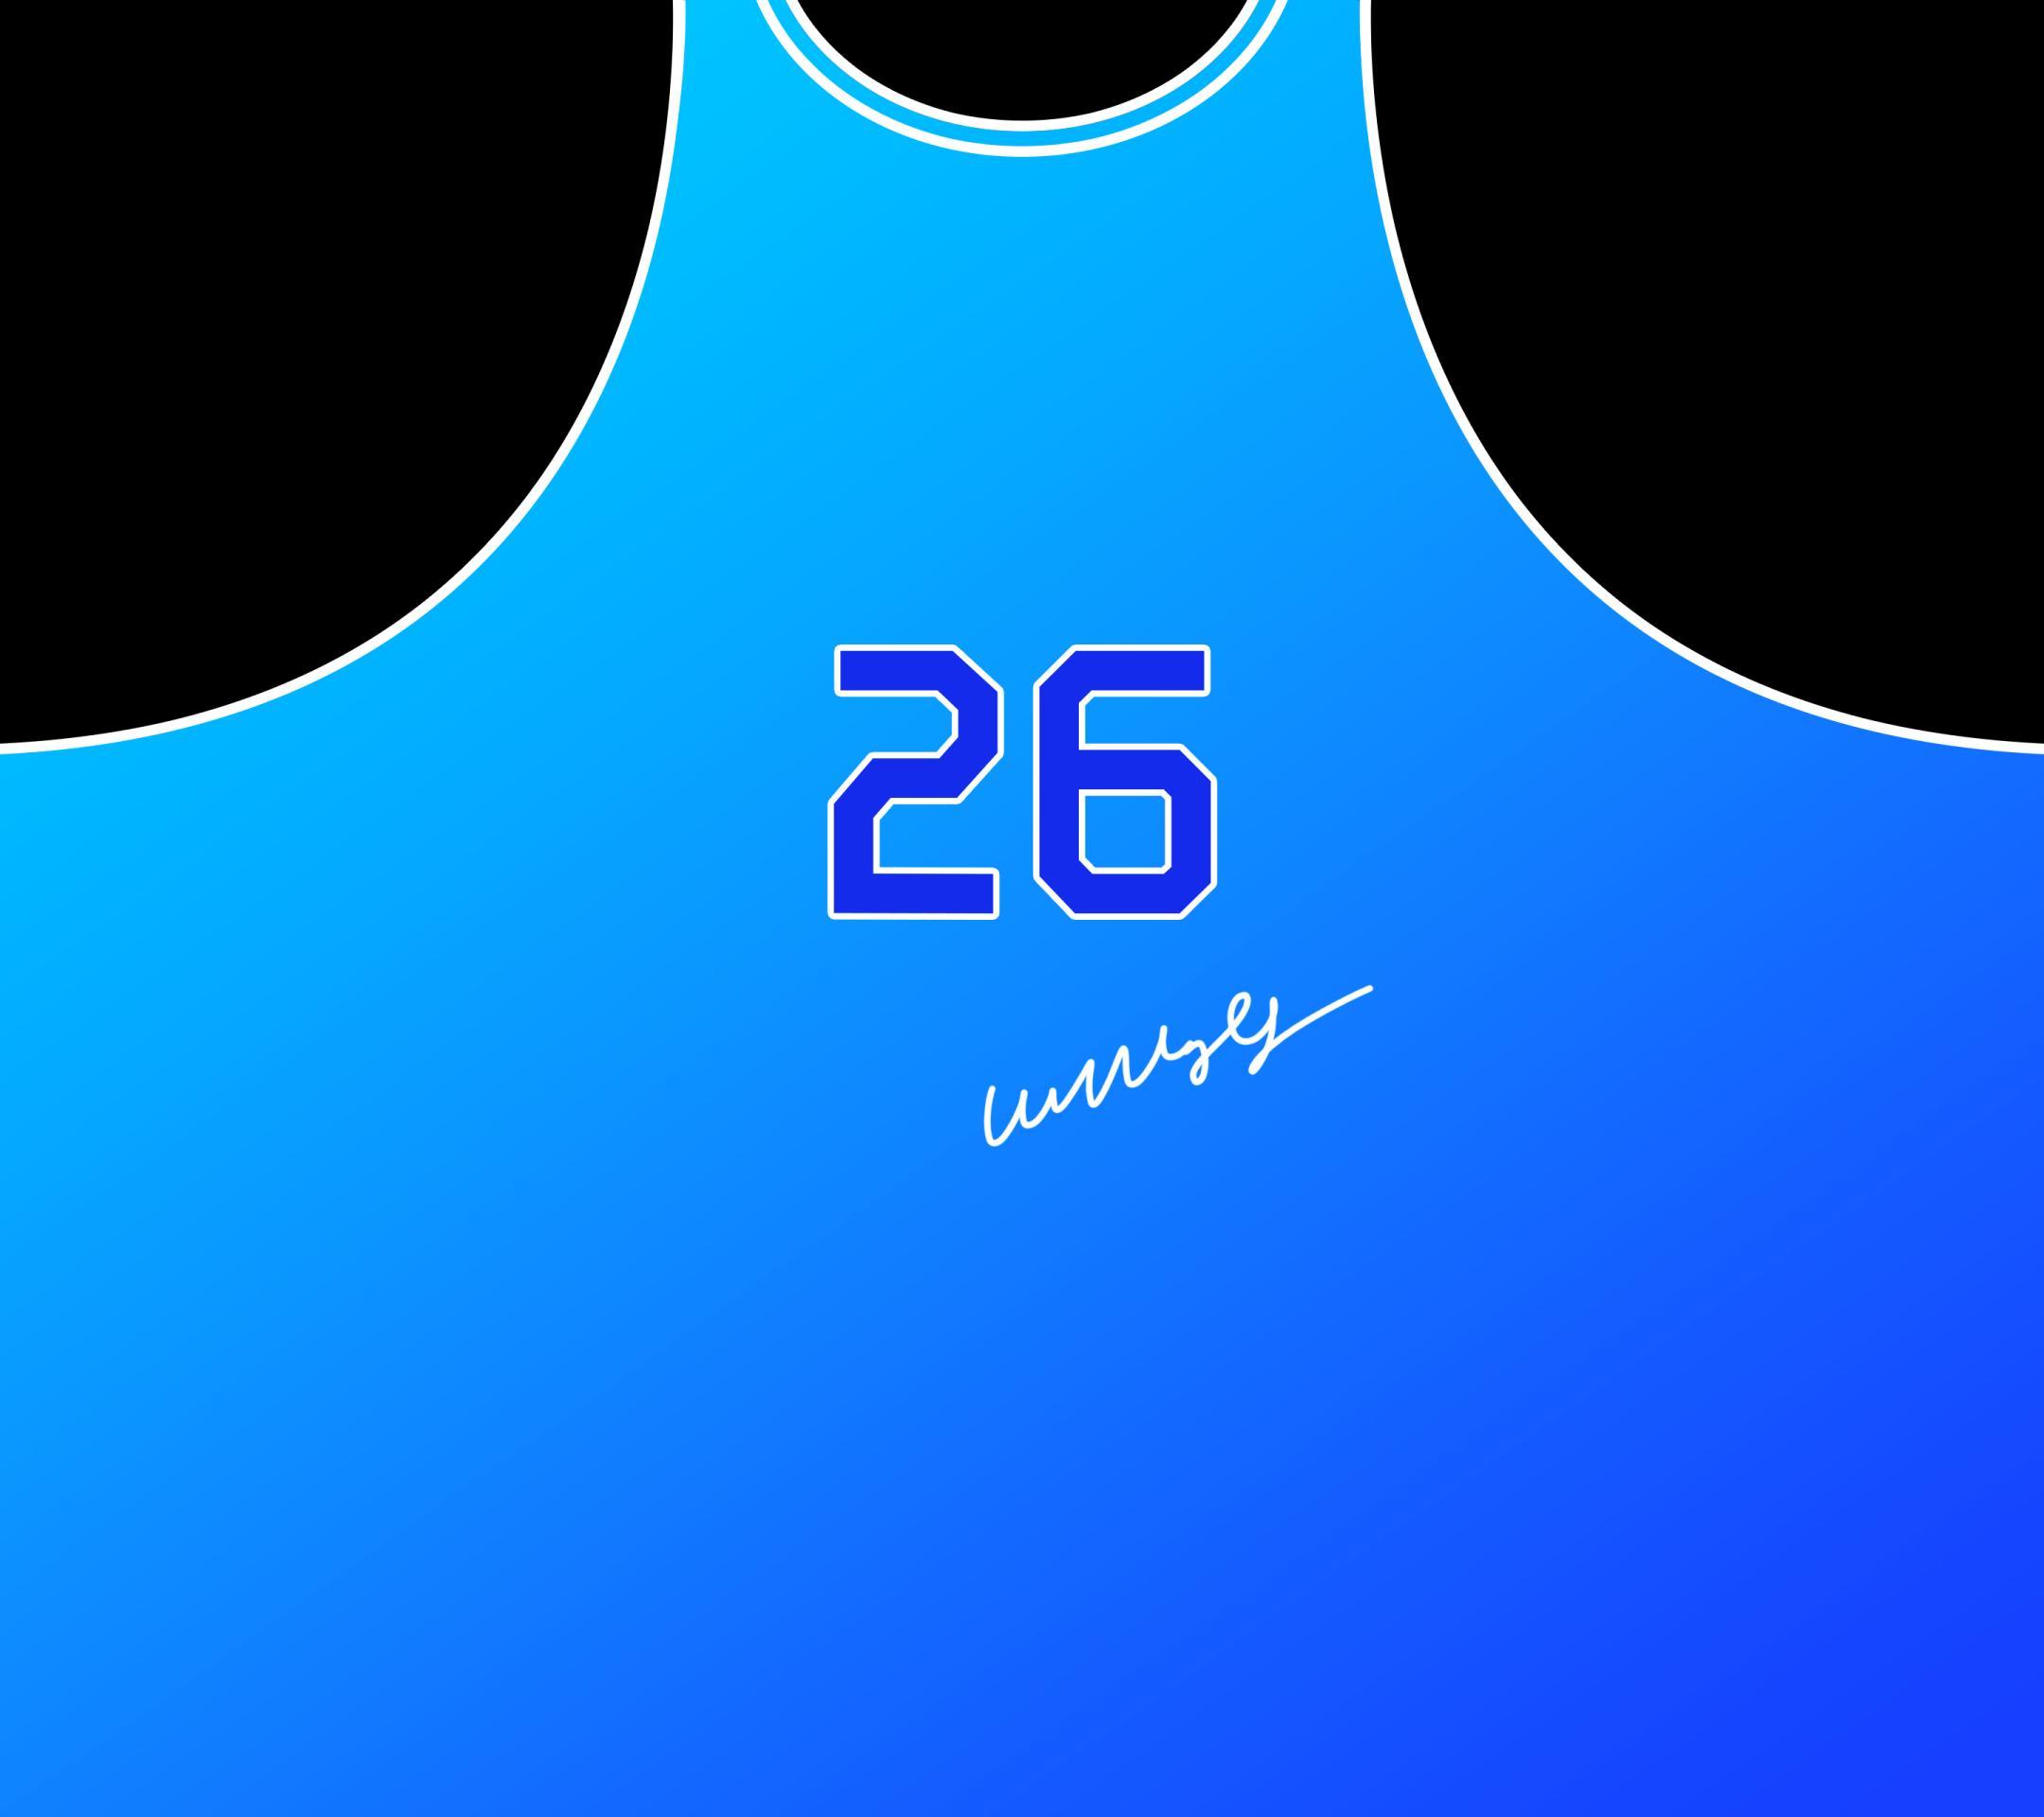 【官方特辑】x21/y85刘海壁纸